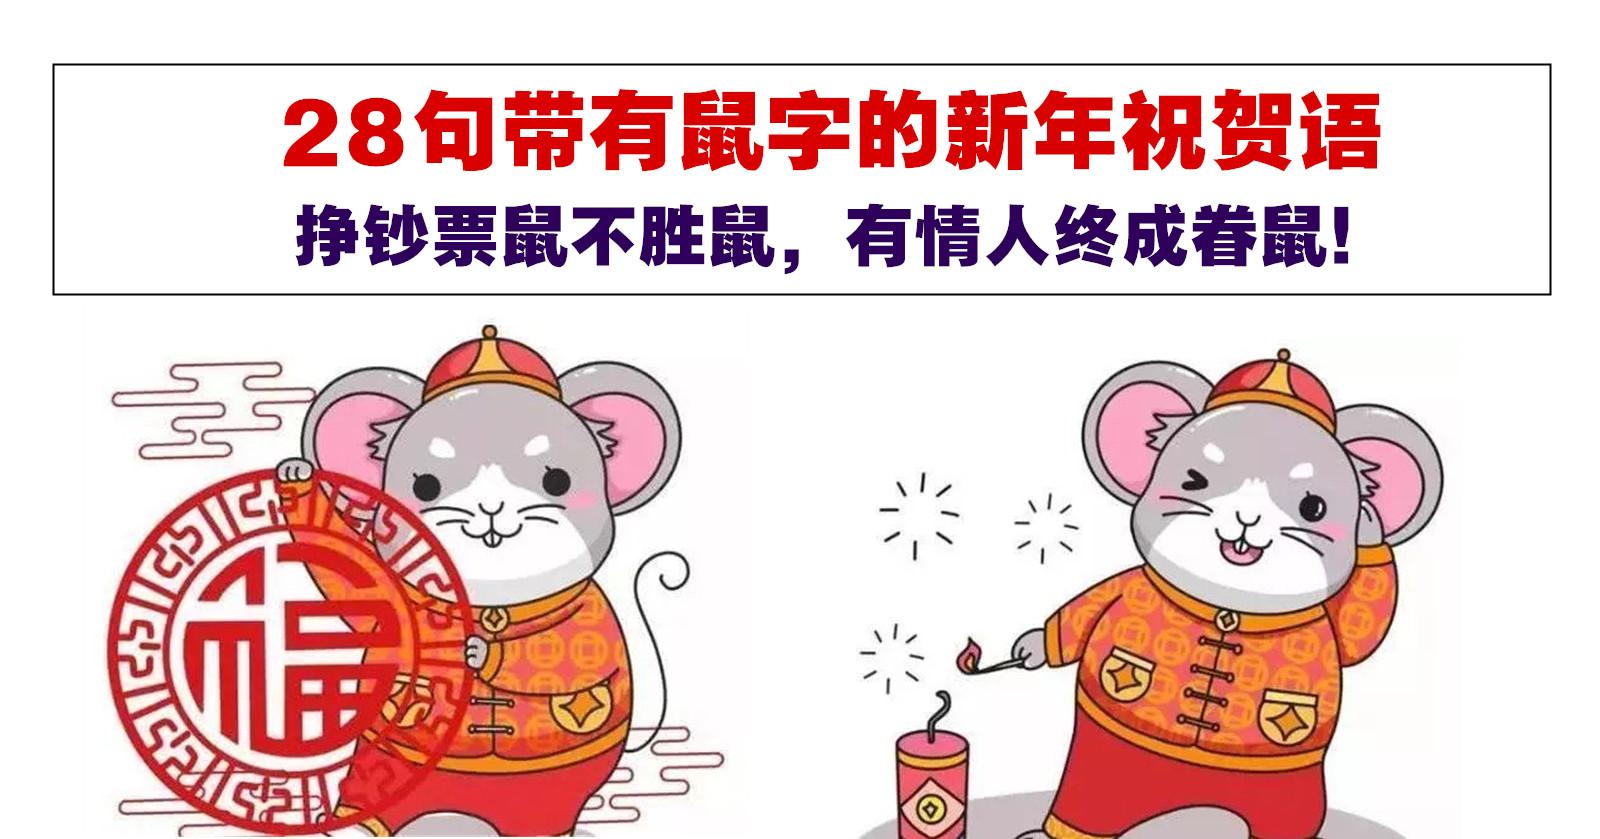 28句带有鼠字的新年祝贺语